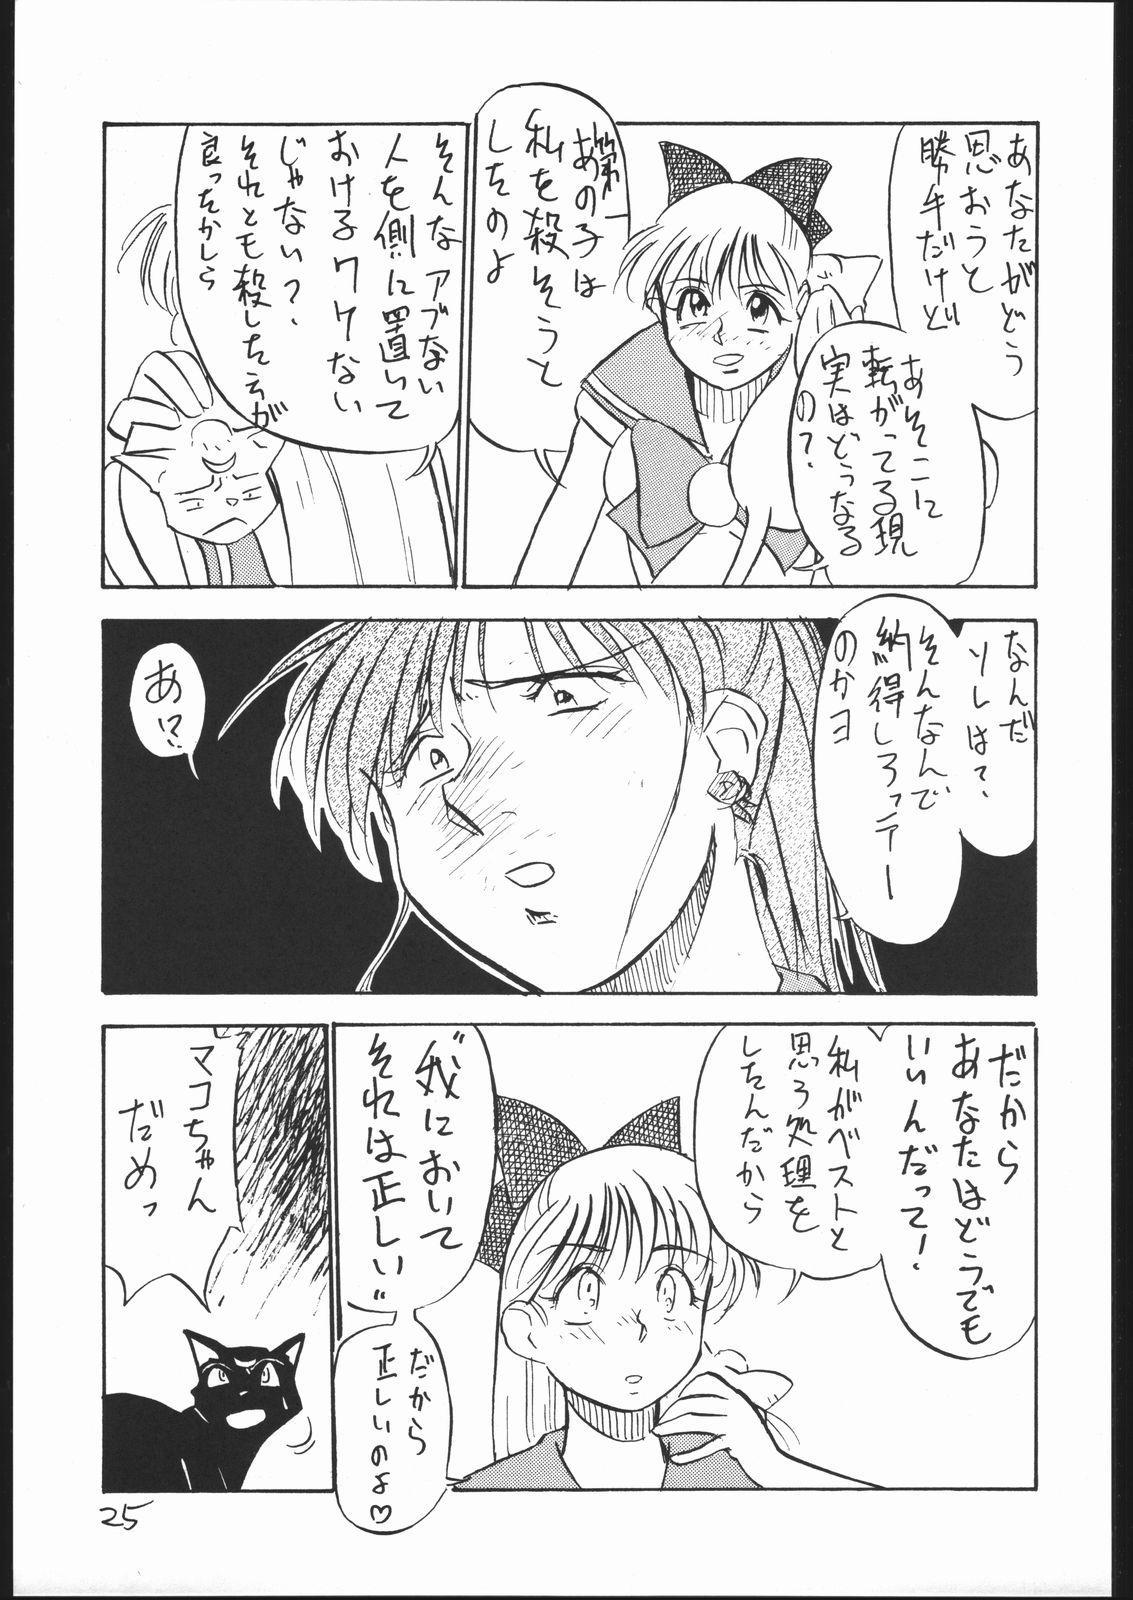 V・H・S・M Vol. 2 23